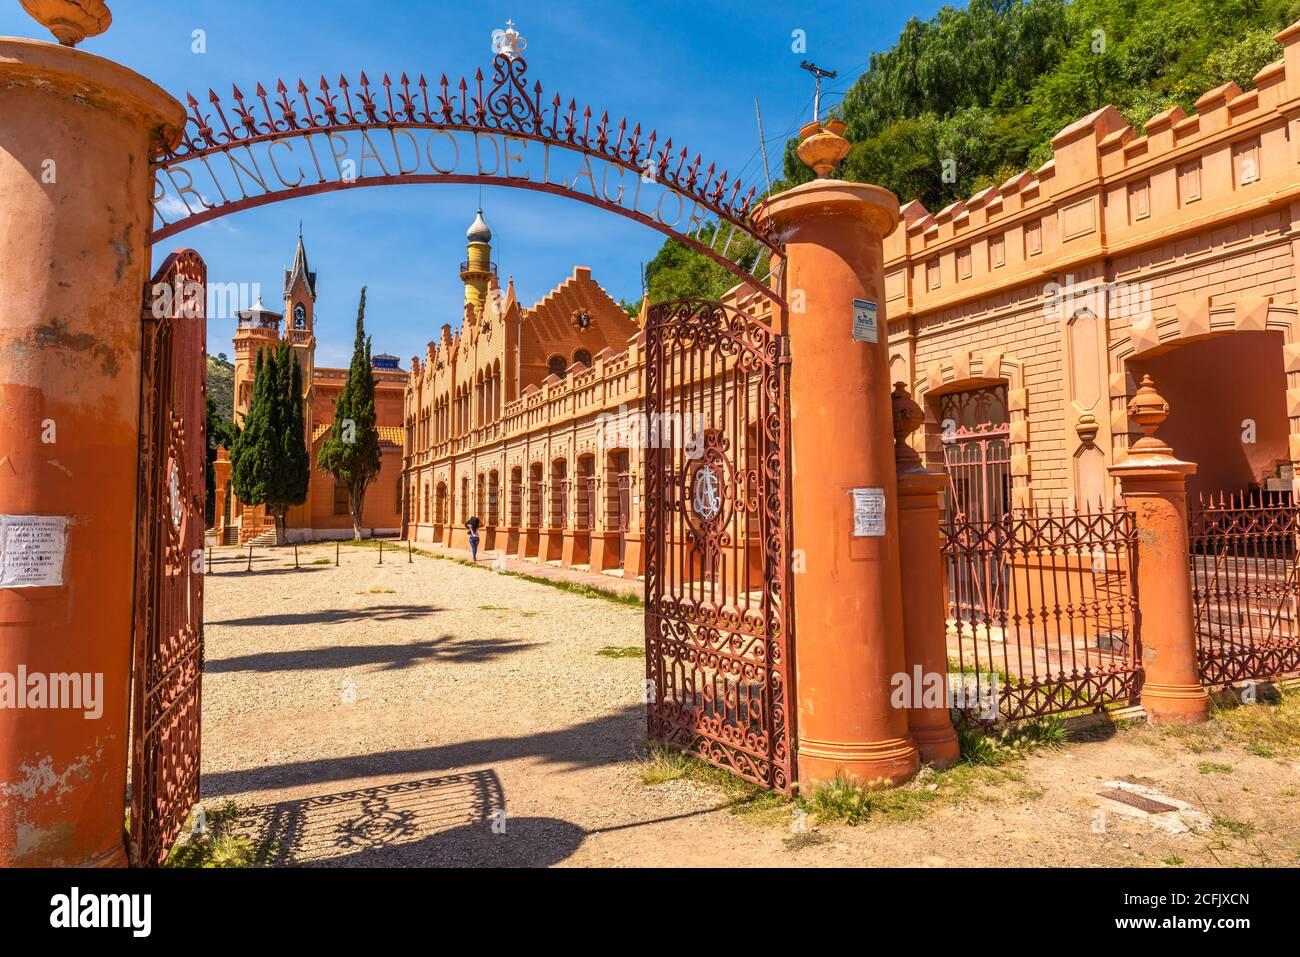 Palace Castillo de la Glorieta place built in 1890s by a minining baro, architectural mishmash, Sucre, Bolivia, Chuquisaca,  Bolivia, Latin America Stock Photo